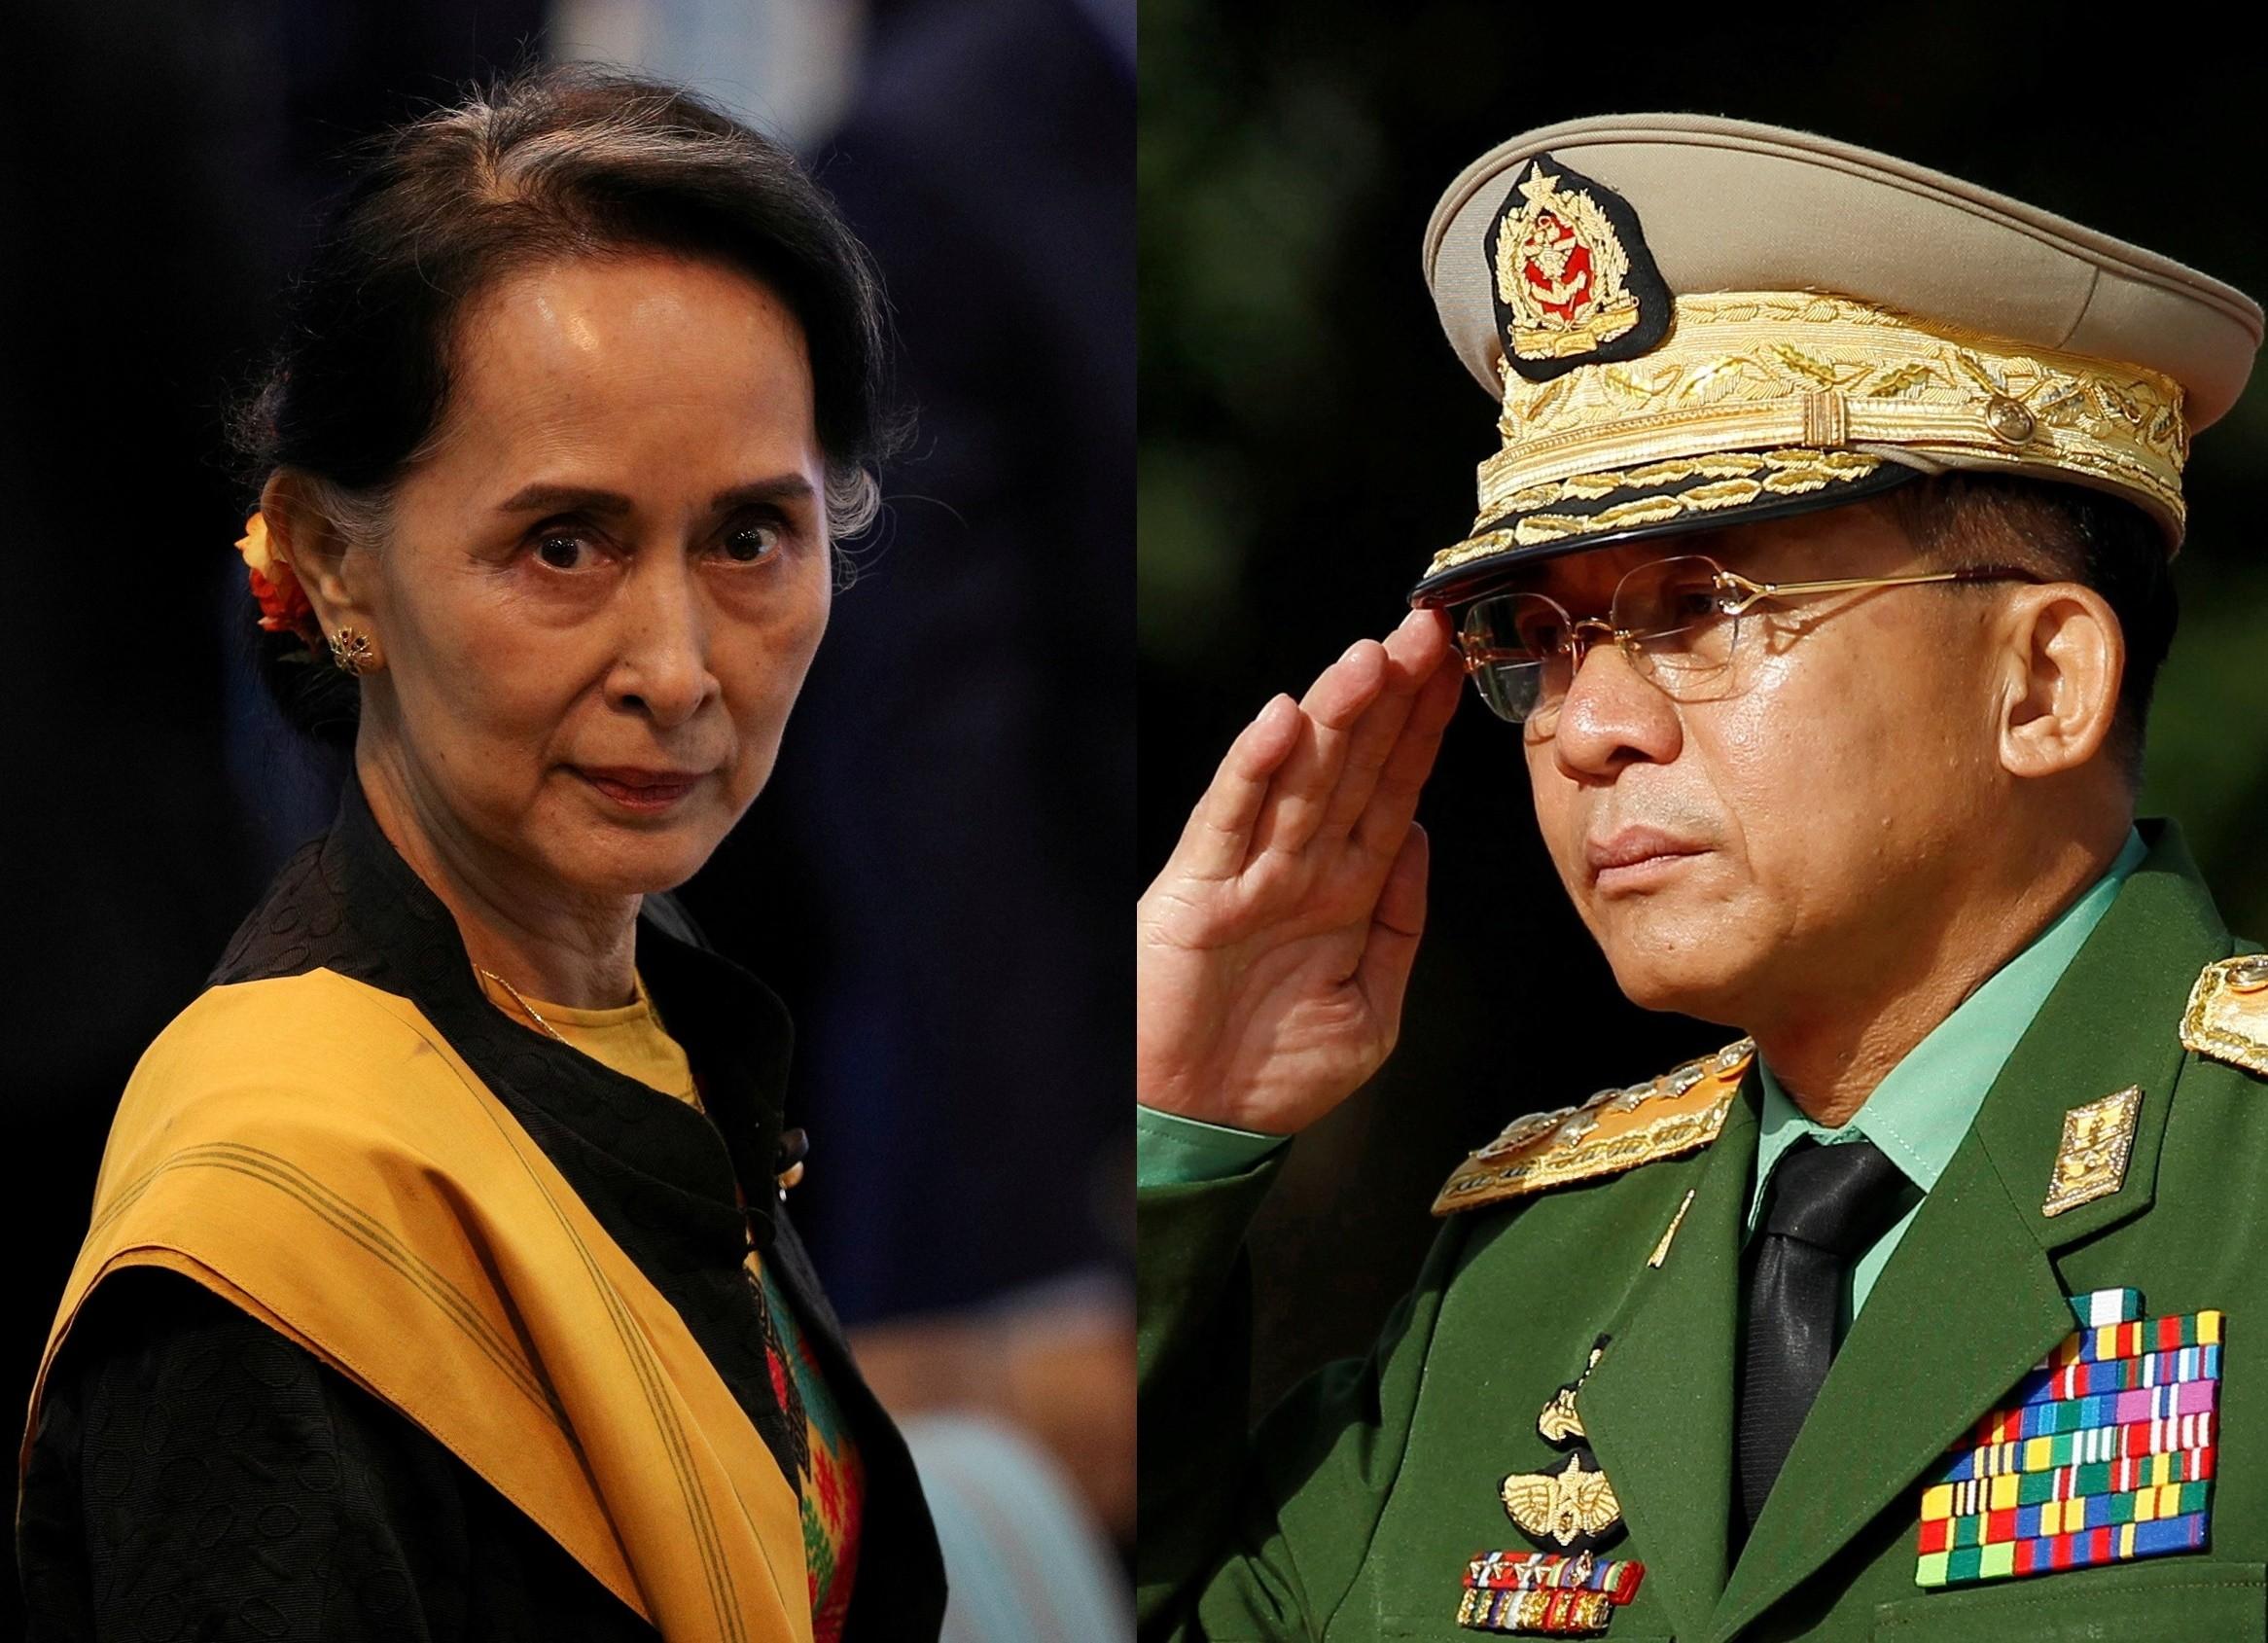 緬甸軍政府,翁山蘇姬,溫敏,敏昂萊,緬甸,軍警,橡膠子彈